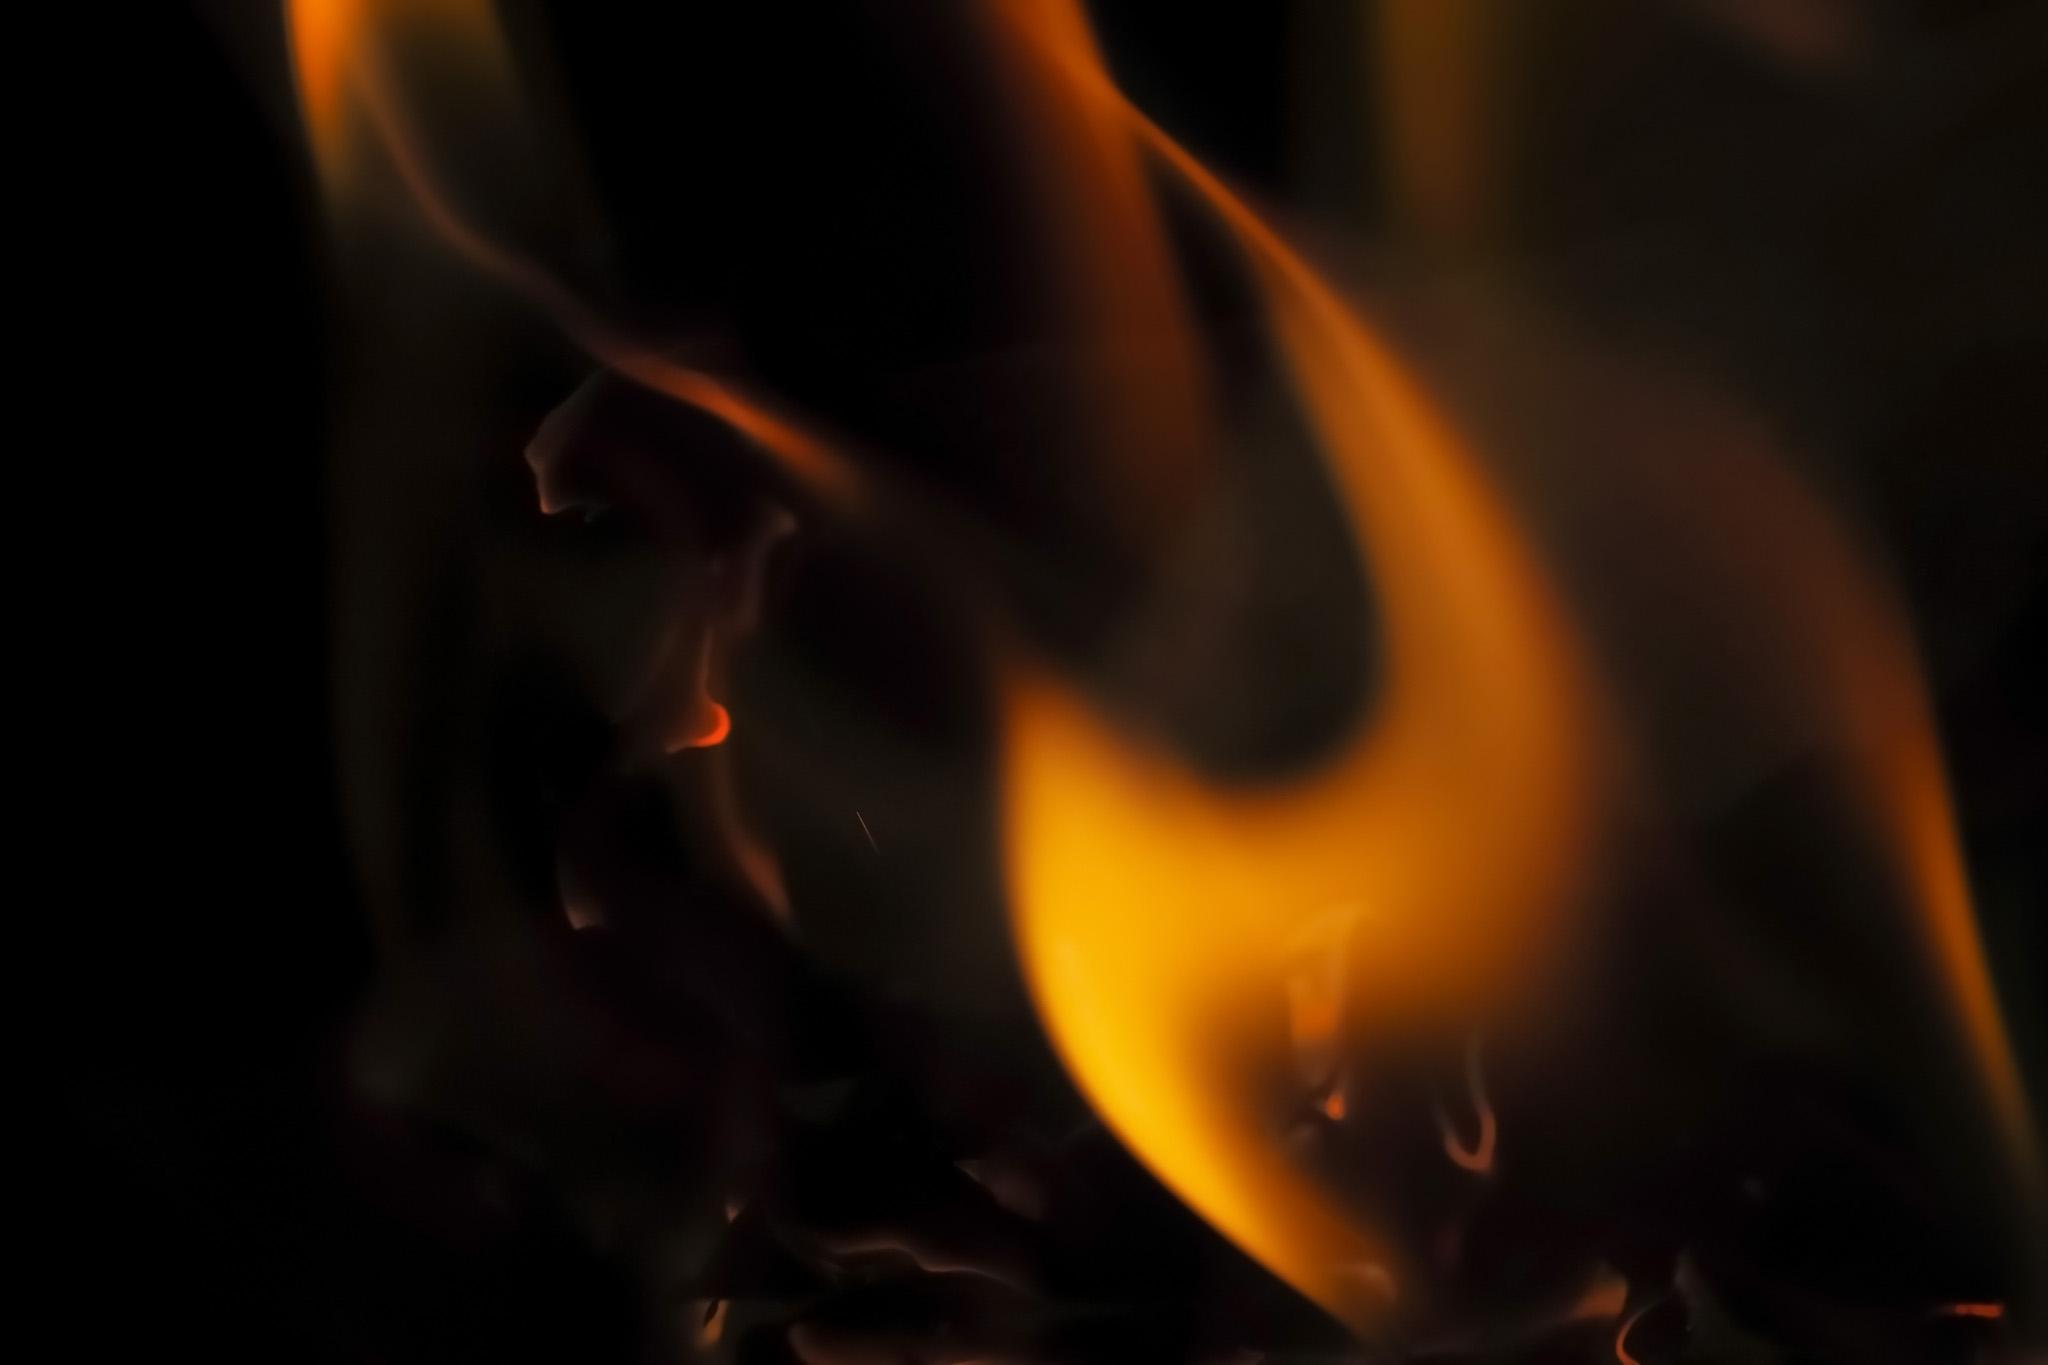 「燃える火の滑らかなテクスチャ」